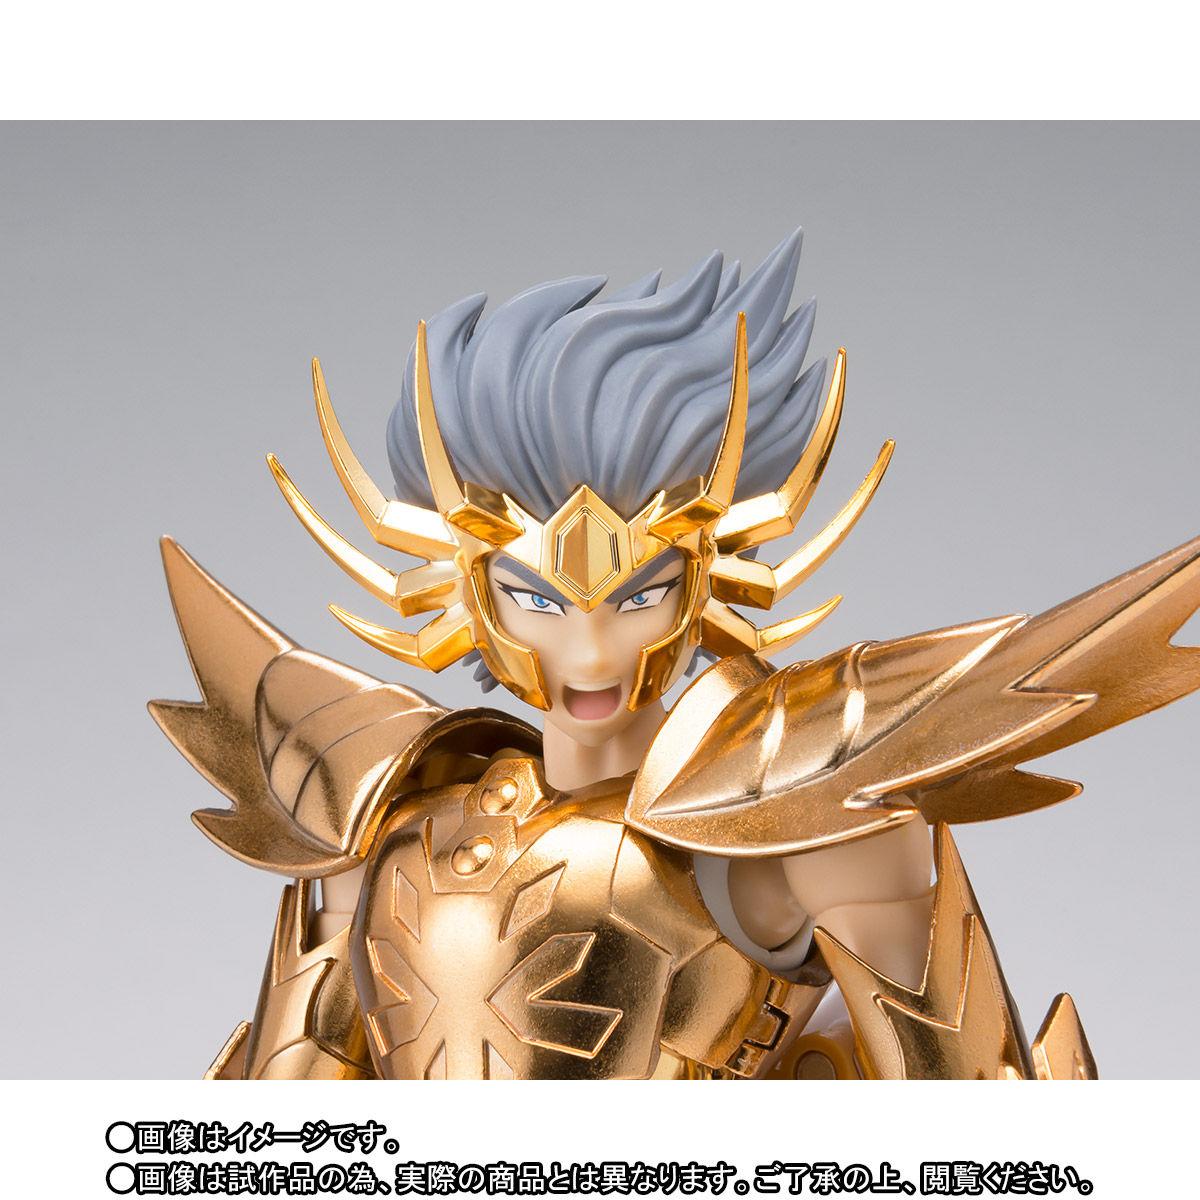 【限定販売】聖闘士聖衣神話EX『キャンサー デスマスク ~ORIGINAL COLOR EDITION~』可動フィギュア-006